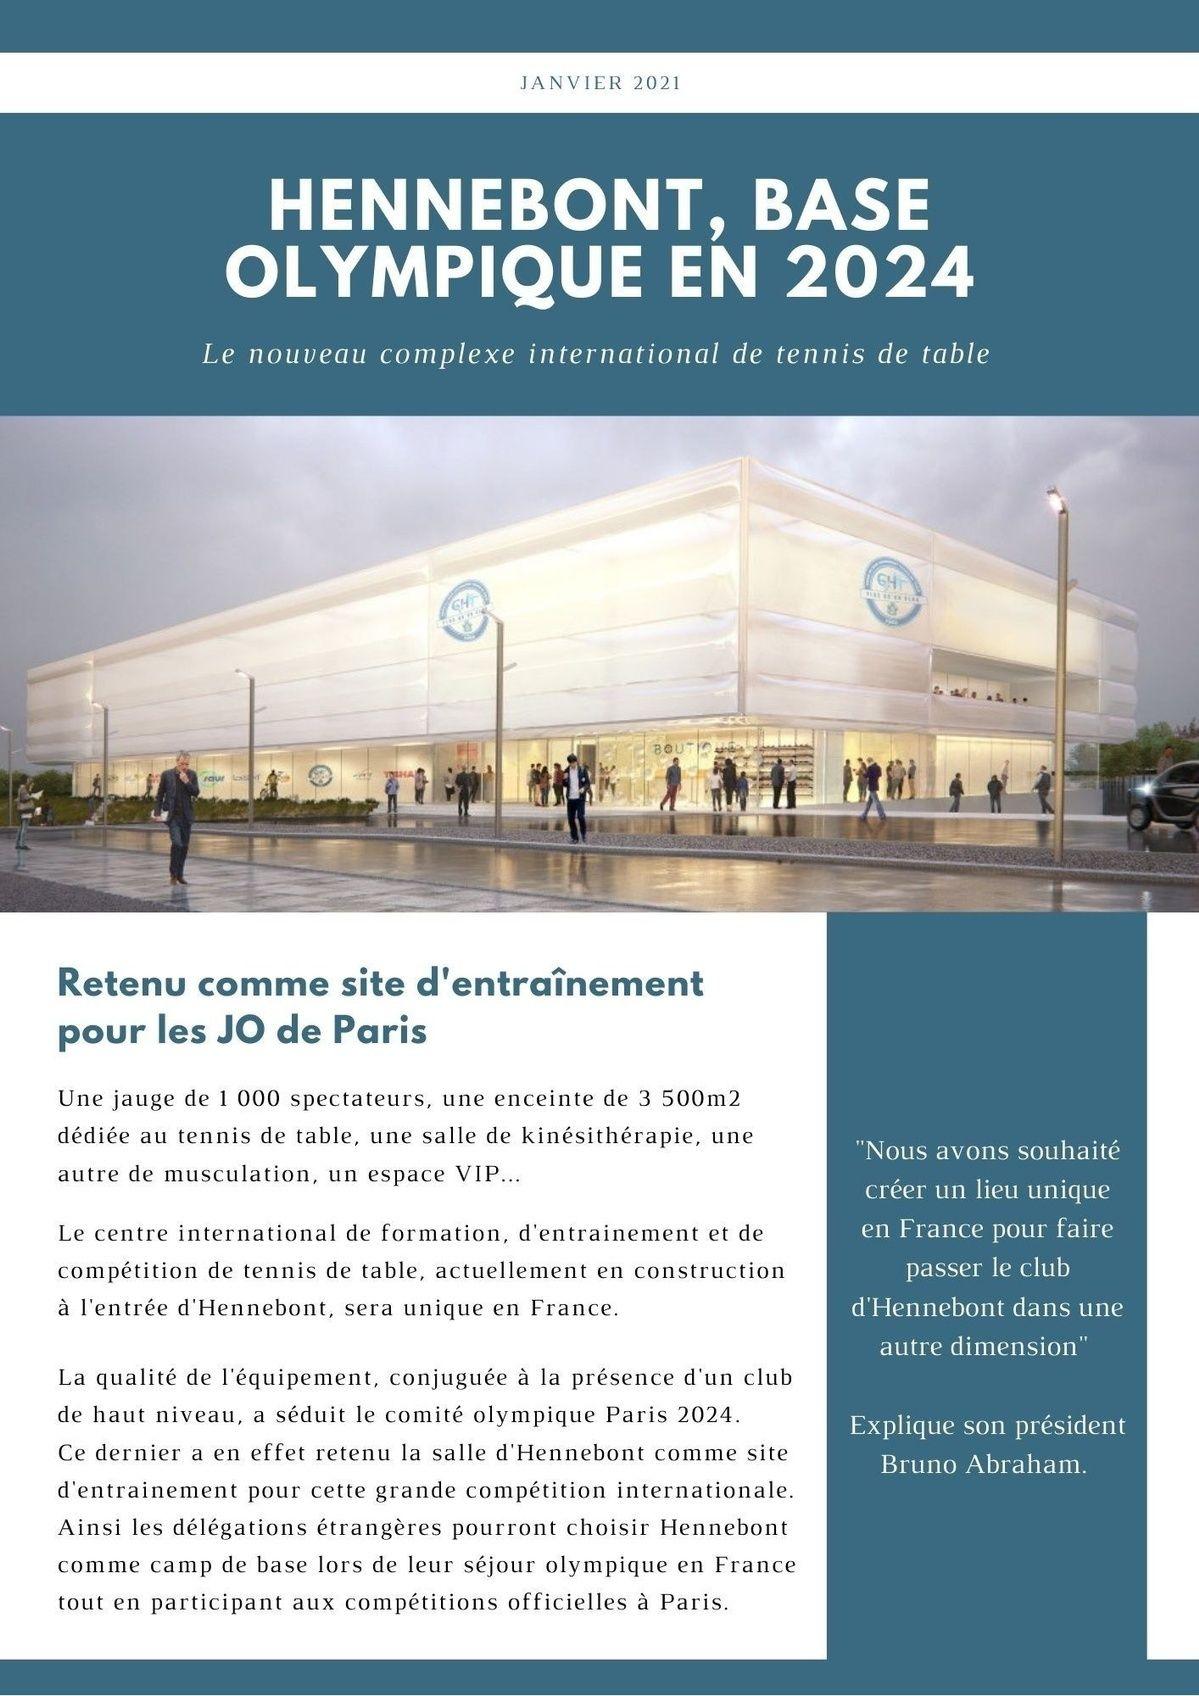 Hennebont, base olympique en 2024